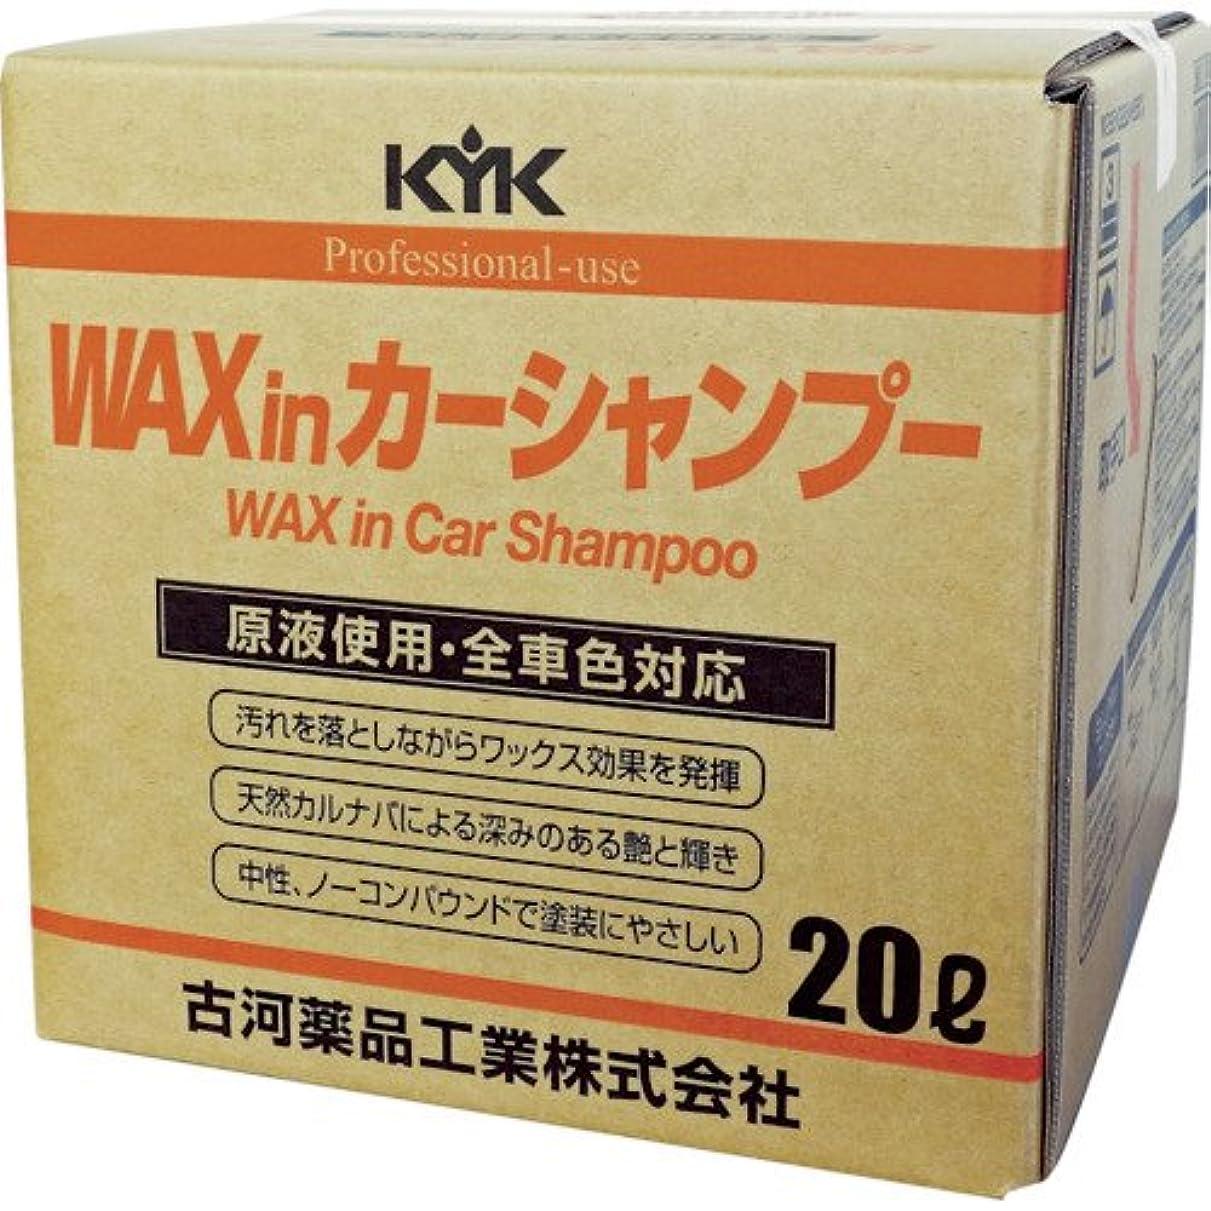 シリング子猫競合他社選手古河薬品工業(KYK) プロタイプワックスinカーシャンプーオールカラー用 20L  品番 21-202